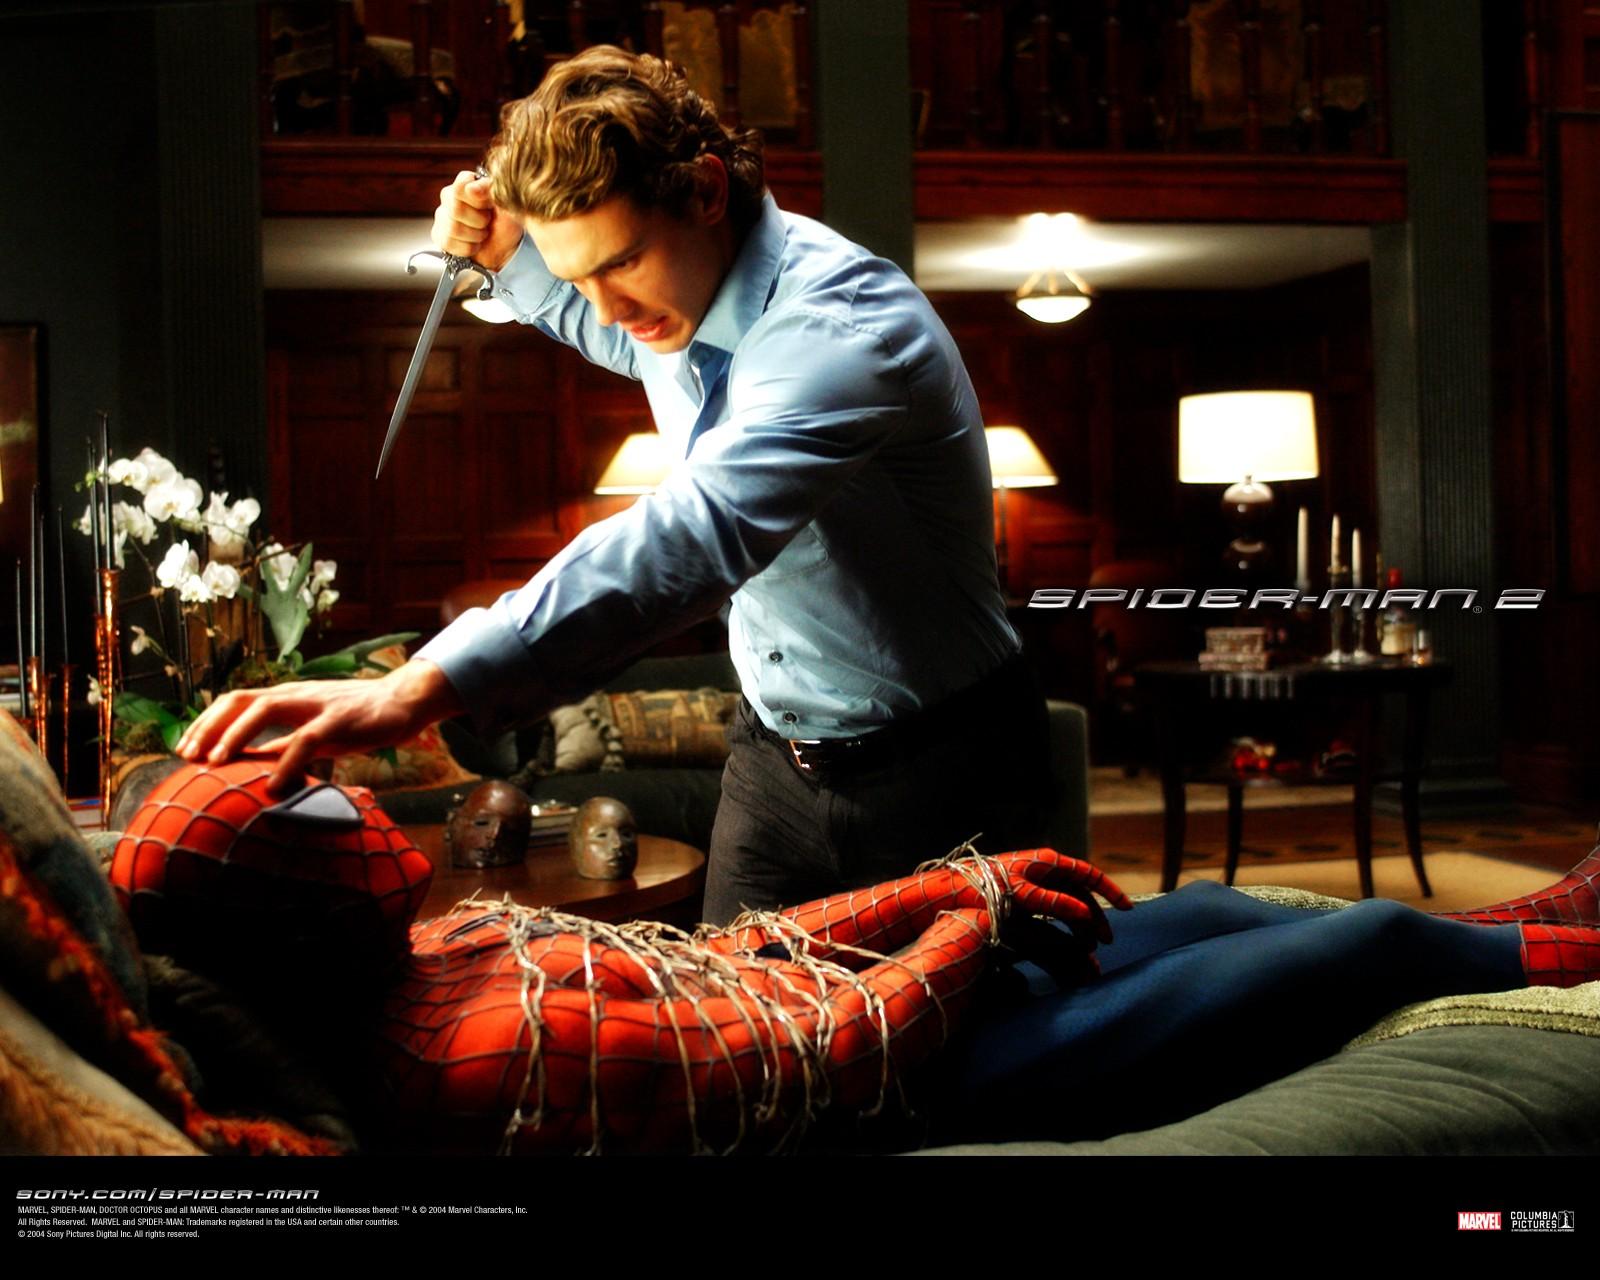 Un wallpaper di una scena del film 'Spider-Man 2'